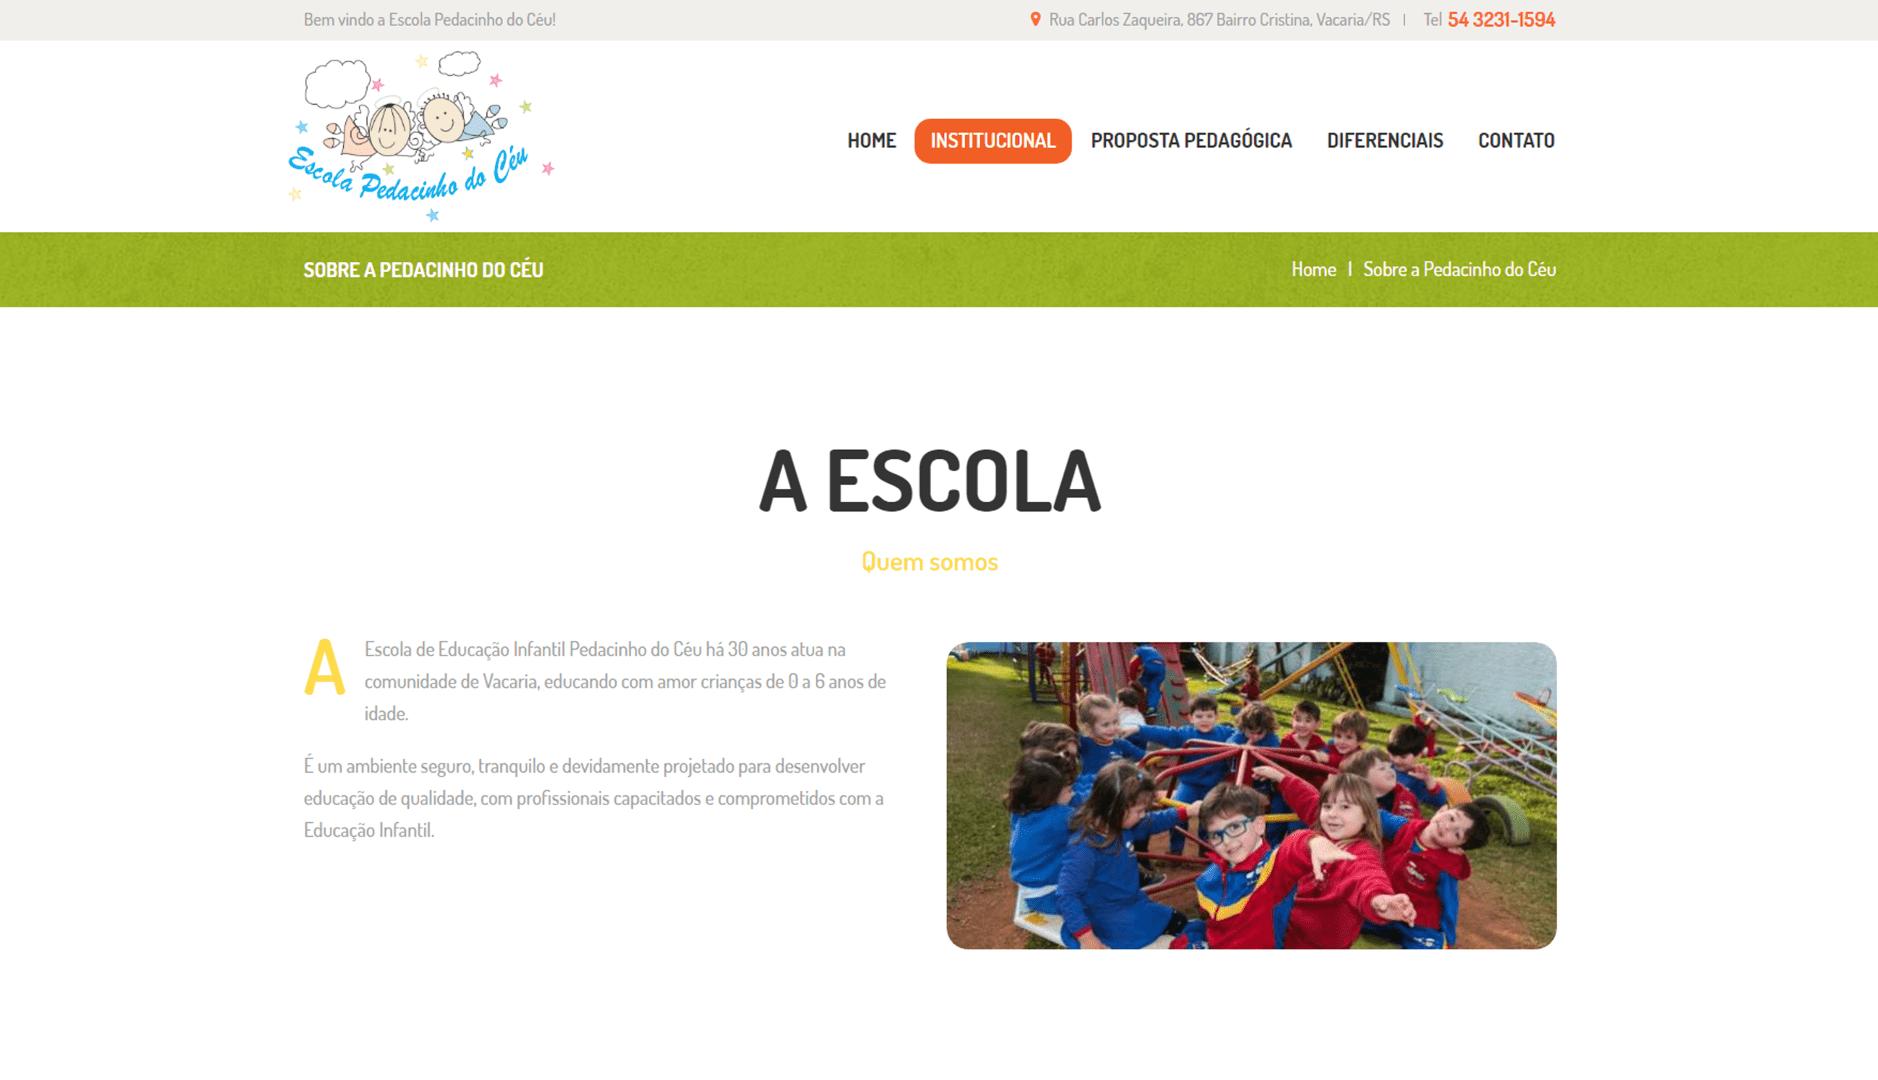 https://www.6i.com.br/case/site-pedacinho-do-ceu/